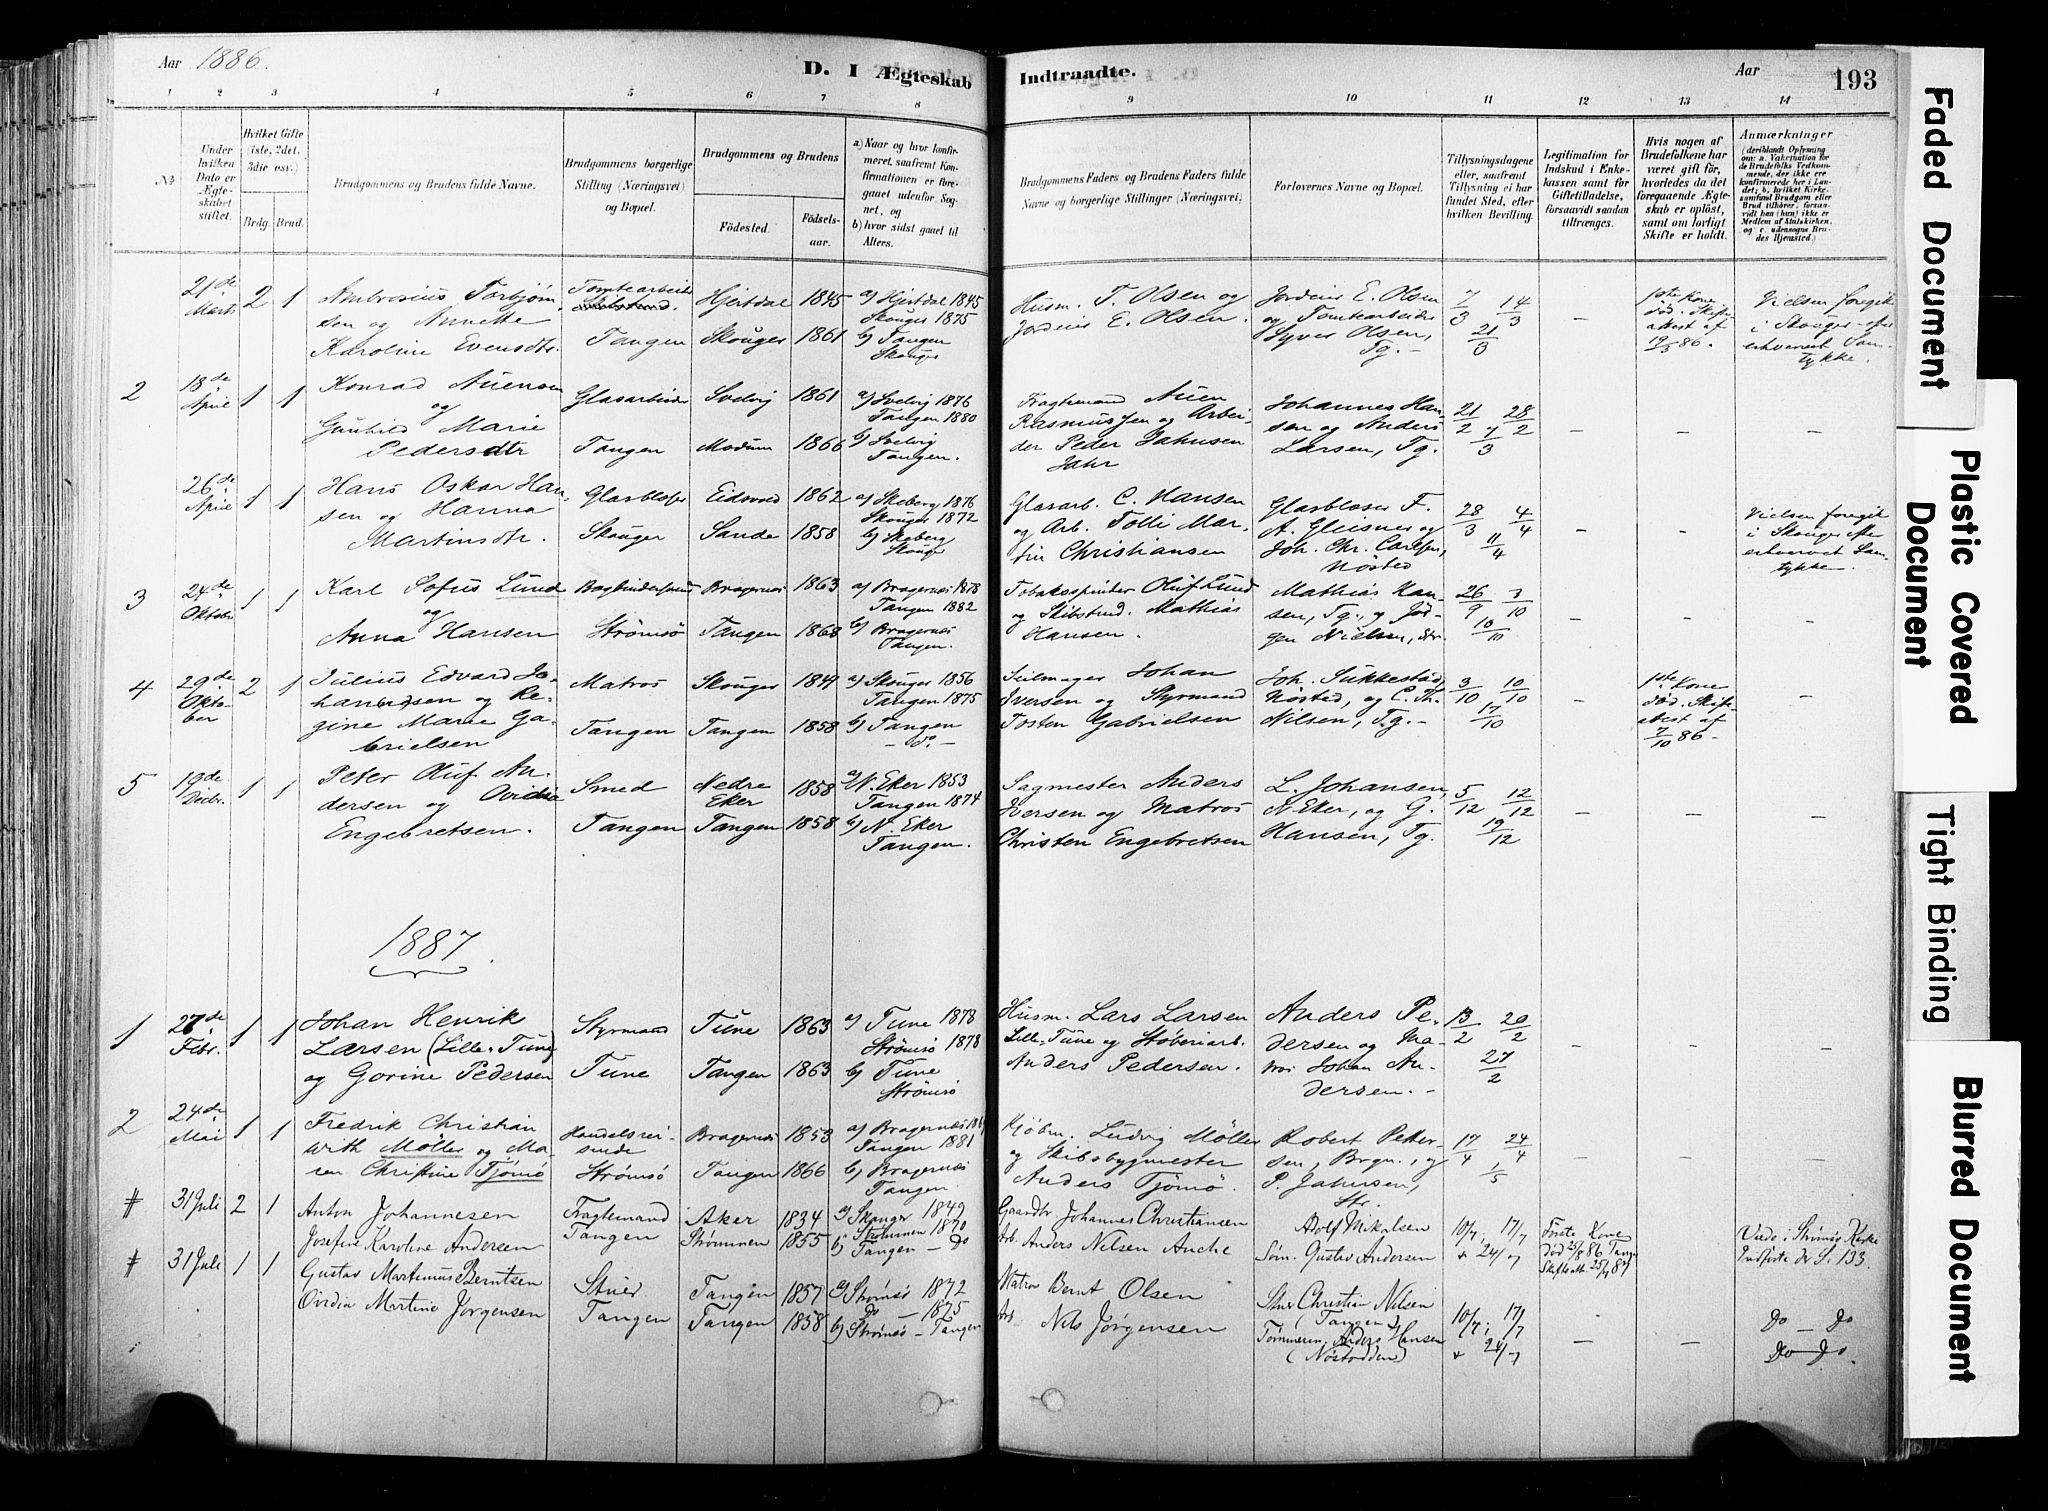 SAKO, Strømsø kirkebøker, F/Fb/L0006: Ministerialbok nr. II 6, 1879-1910, s. 193